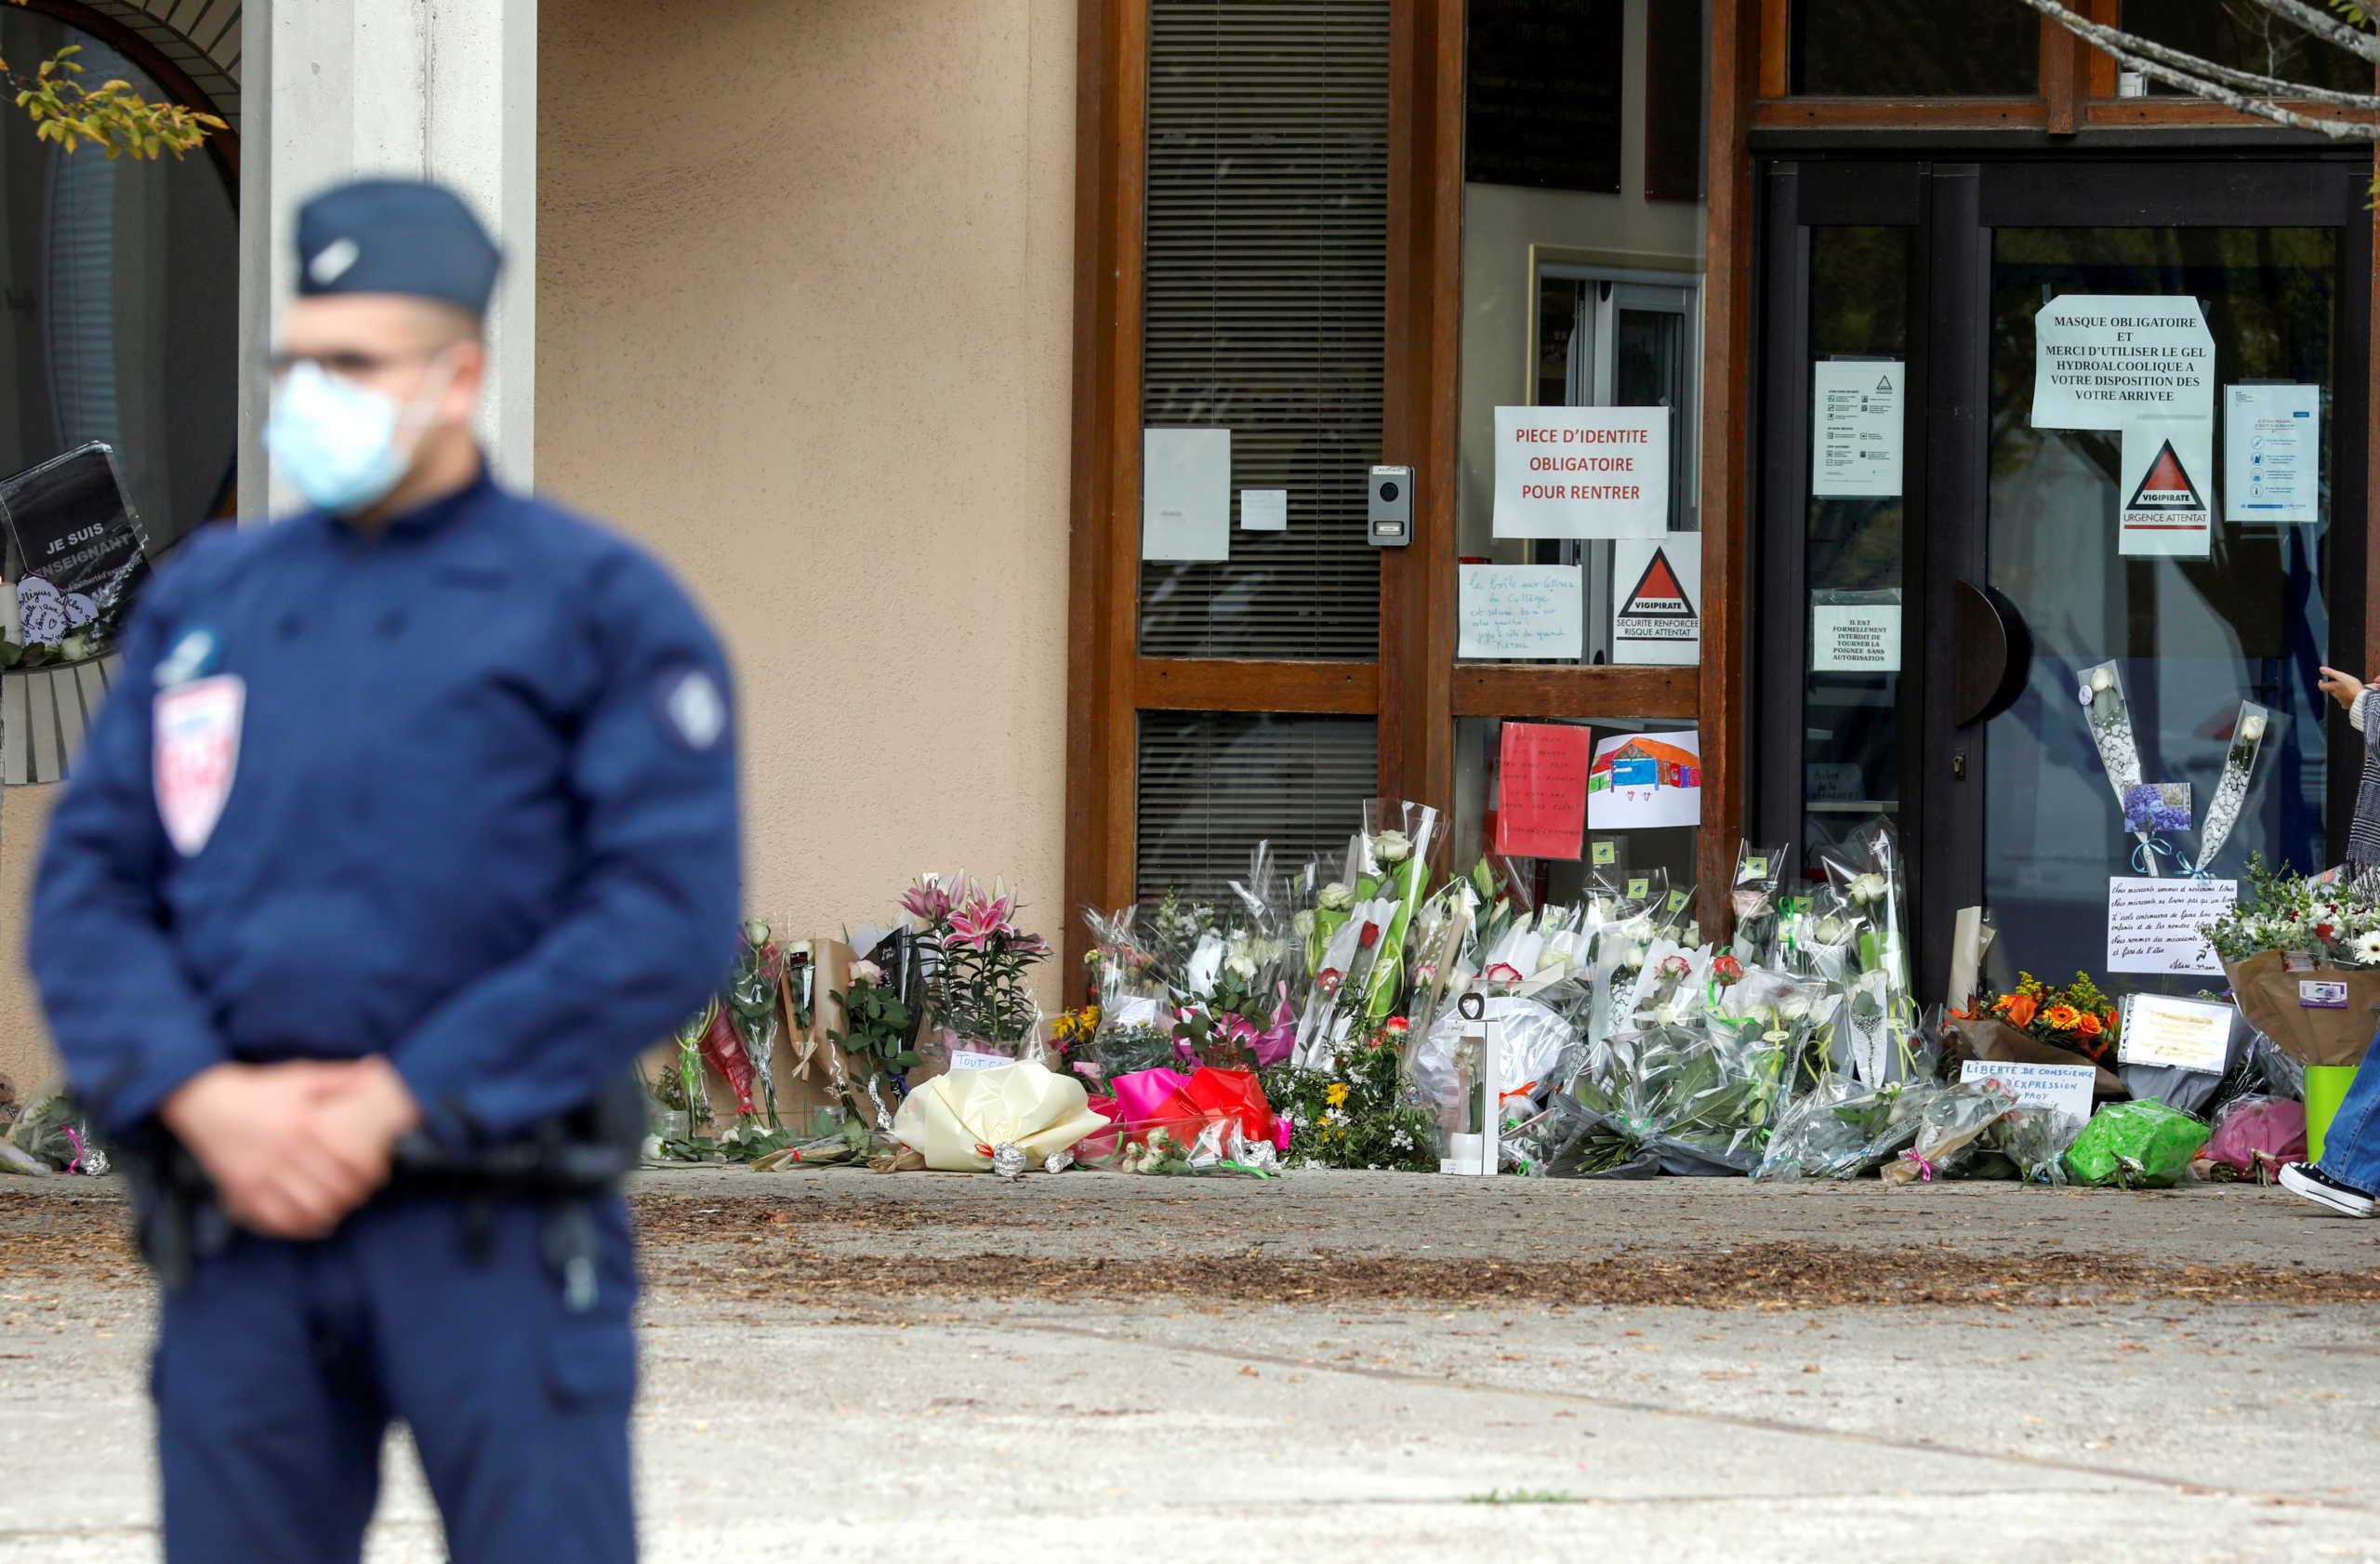 ΥΠΕΞ για τον αποκεφαλισμό του καθηγητή από τζιχαντιστή στο Παρίσι: Συμπαραστεκόμαστε στο λαό της Γαλλίας